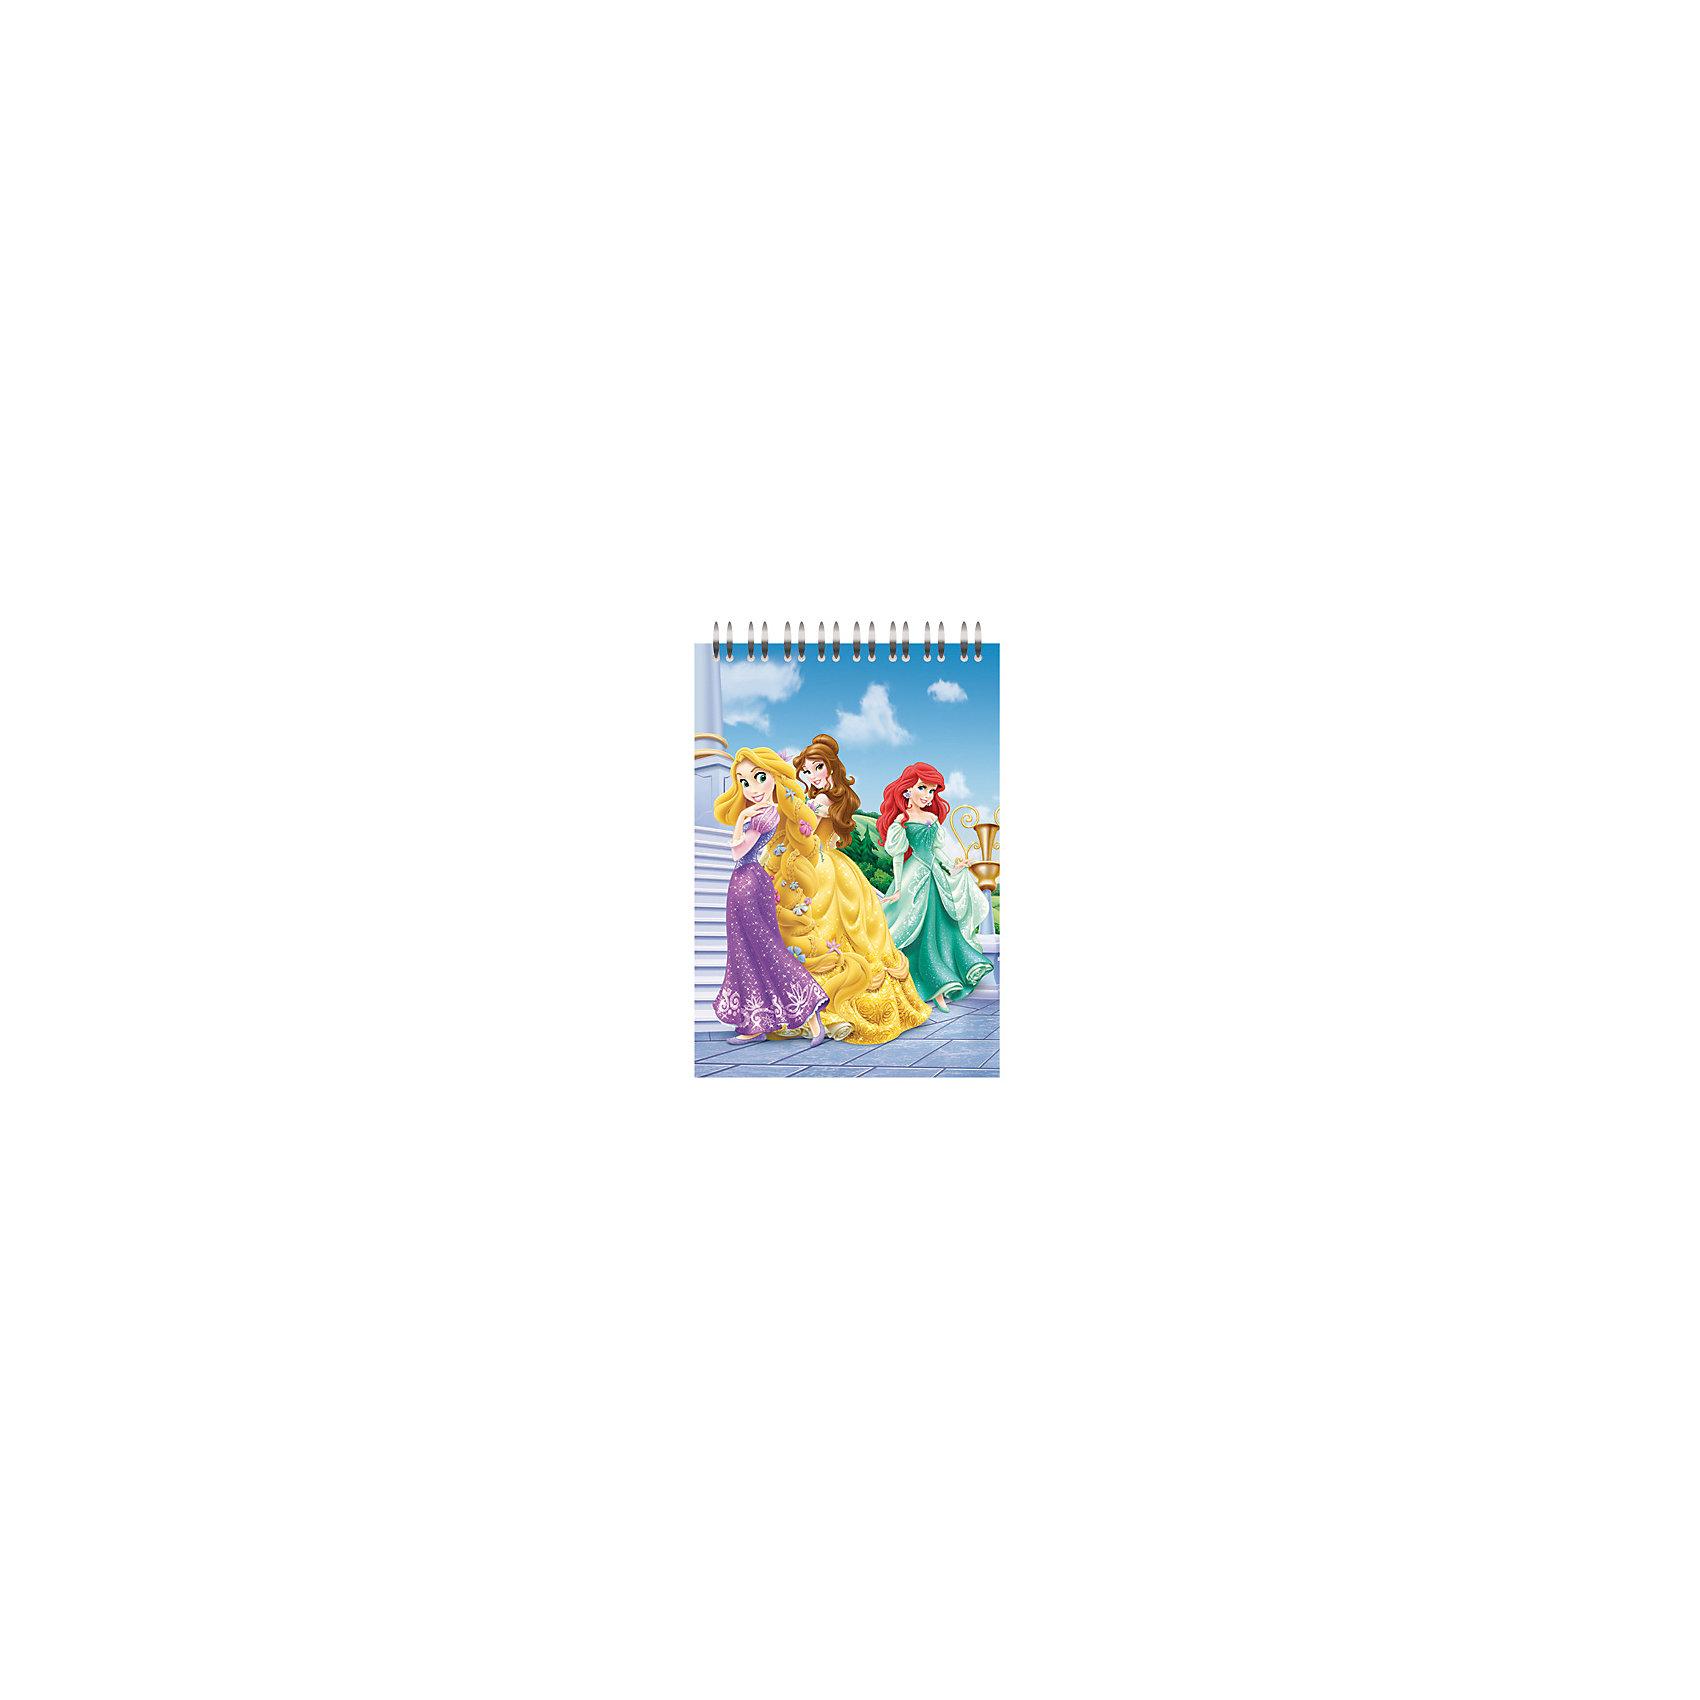 Блокнот Принцессы Дисней 60 листовБлокнот с изображением любимых принцесс придется по вкусу любой девочке. Плотная обложка блокнота не позволит листам помяться. Рисуй, пиши, делись секретами в любимыми принцессами! <br><br>Дополнительная информация:<br><br>- Материал: пластик, бумага.<br>- Формат: А5.<br>- Количество листов: 60.<br>- Твердая обложка. <br><br>Блокнот Принцессы Дисней (Disney princess), 60 листов,  можно купить в нашем магазине.<br><br>Ширина мм: 148<br>Глубина мм: 210<br>Высота мм: 5<br>Вес г: 136<br>Возраст от месяцев: 48<br>Возраст до месяцев: 96<br>Пол: Женский<br>Возраст: Детский<br>SKU: 4506484